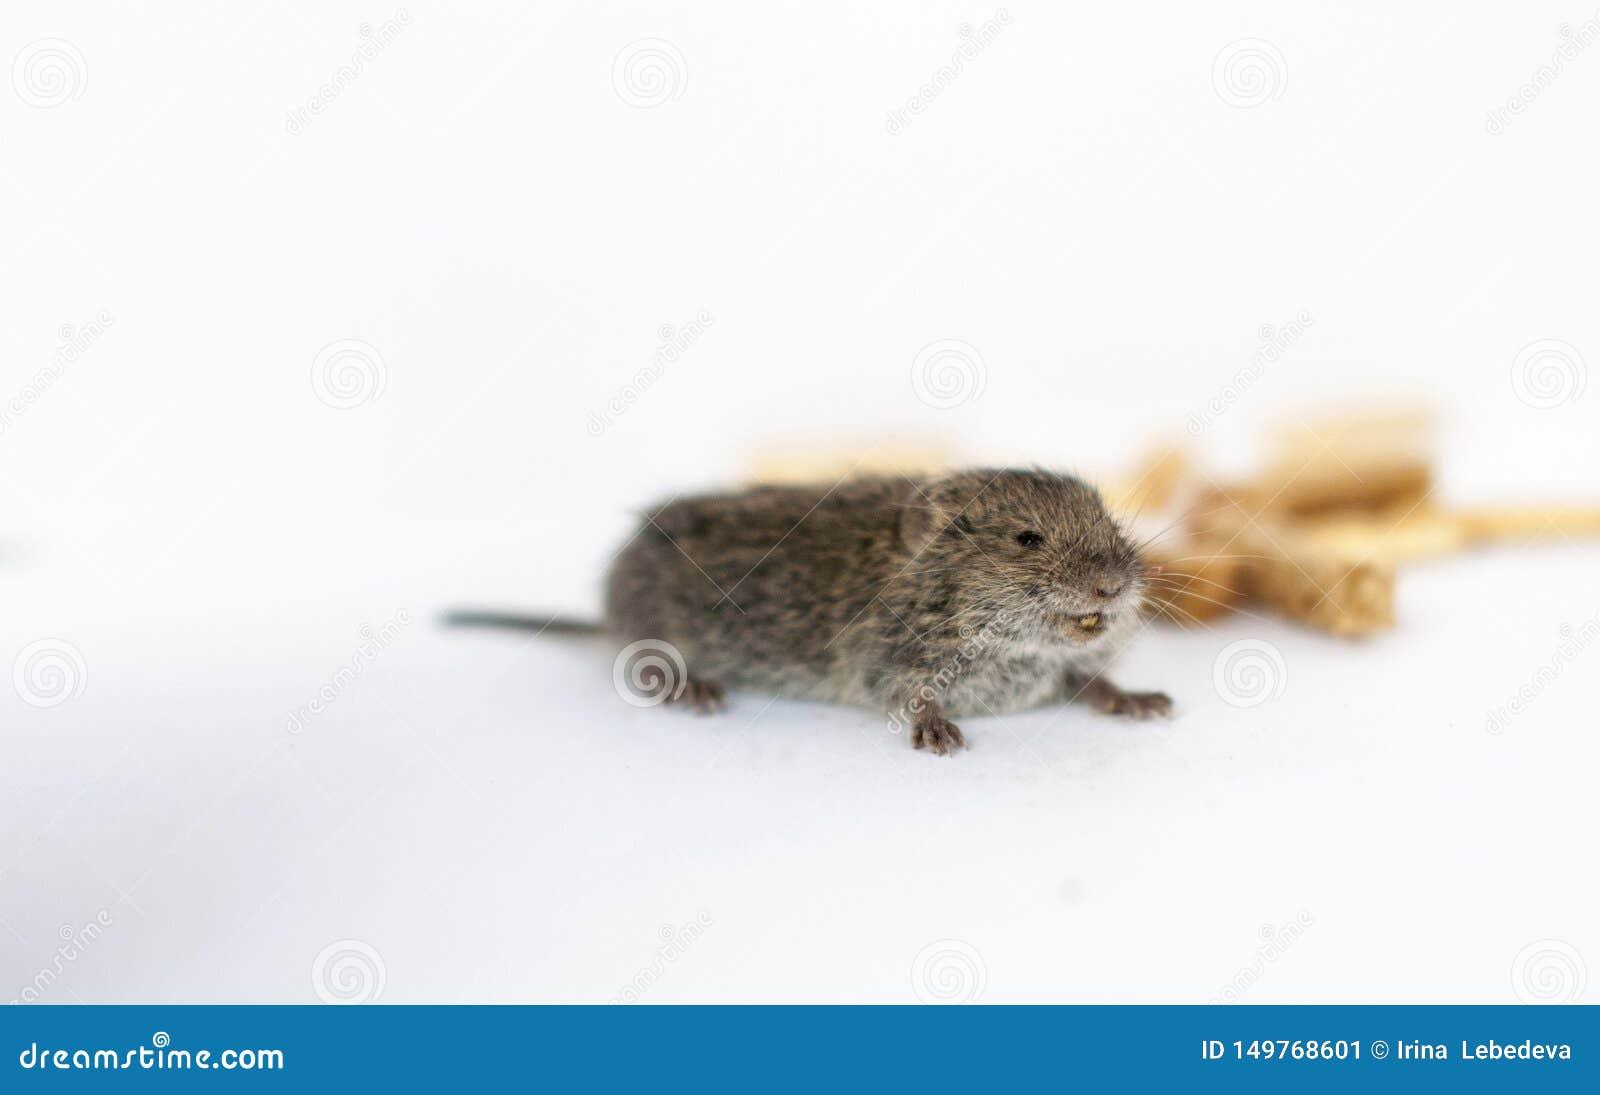 Une petite souris sauvage grise sur un fond blanc qui vole des biscuits